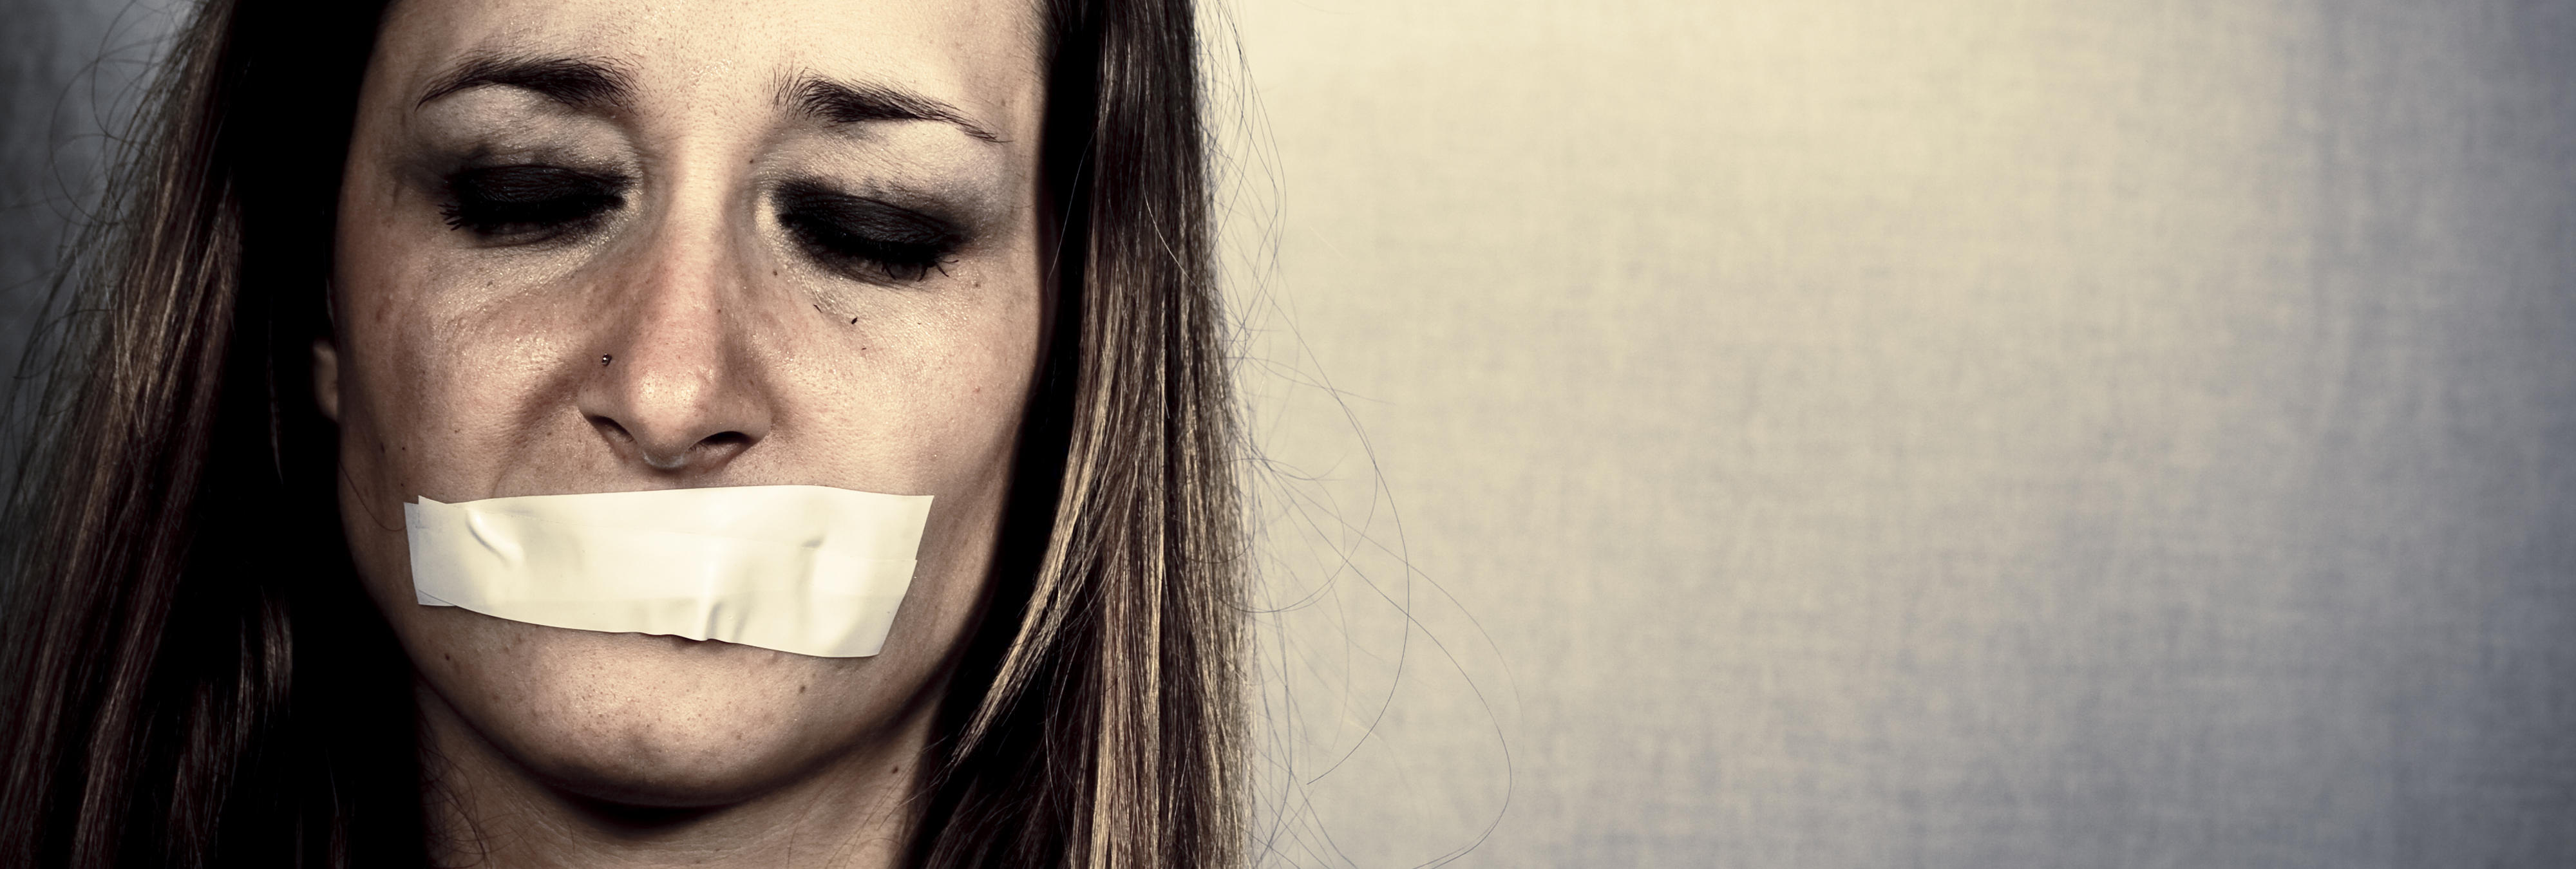 Famosas como Miley Cyrus o Angelina Jolie golpeadas contra la violencia de género